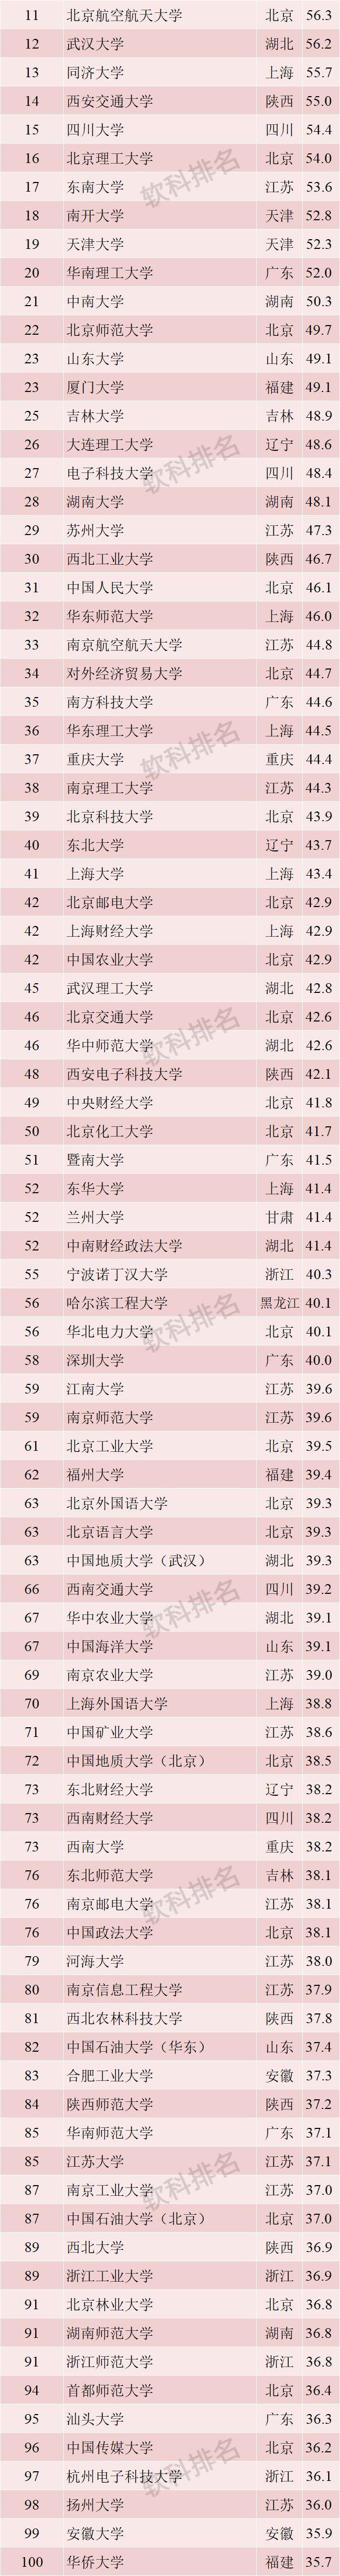 2019年各大学排行_2019中国财经 师范 理工 医科和综合最好大学排名,北大